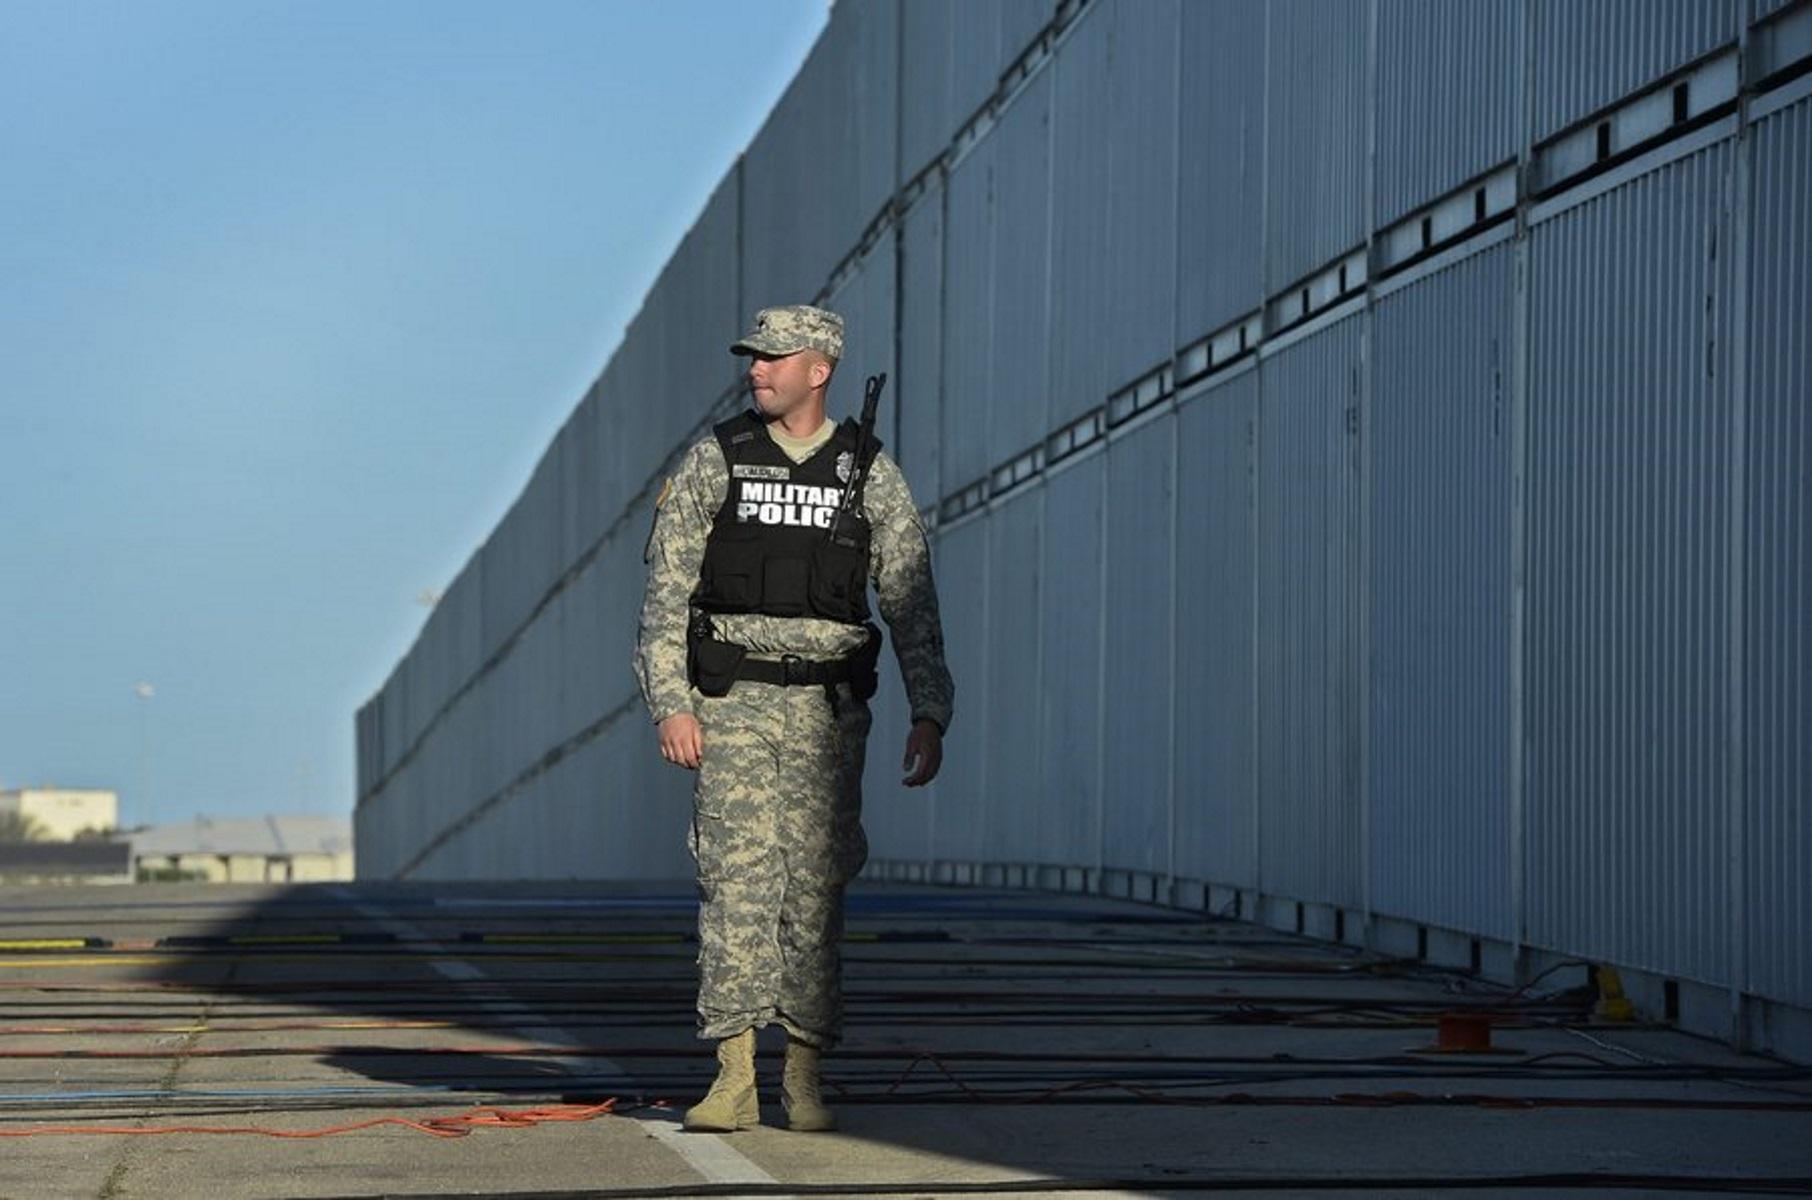 Πυροβολισμοί σε στρατιωτική βάση στο Τέξας